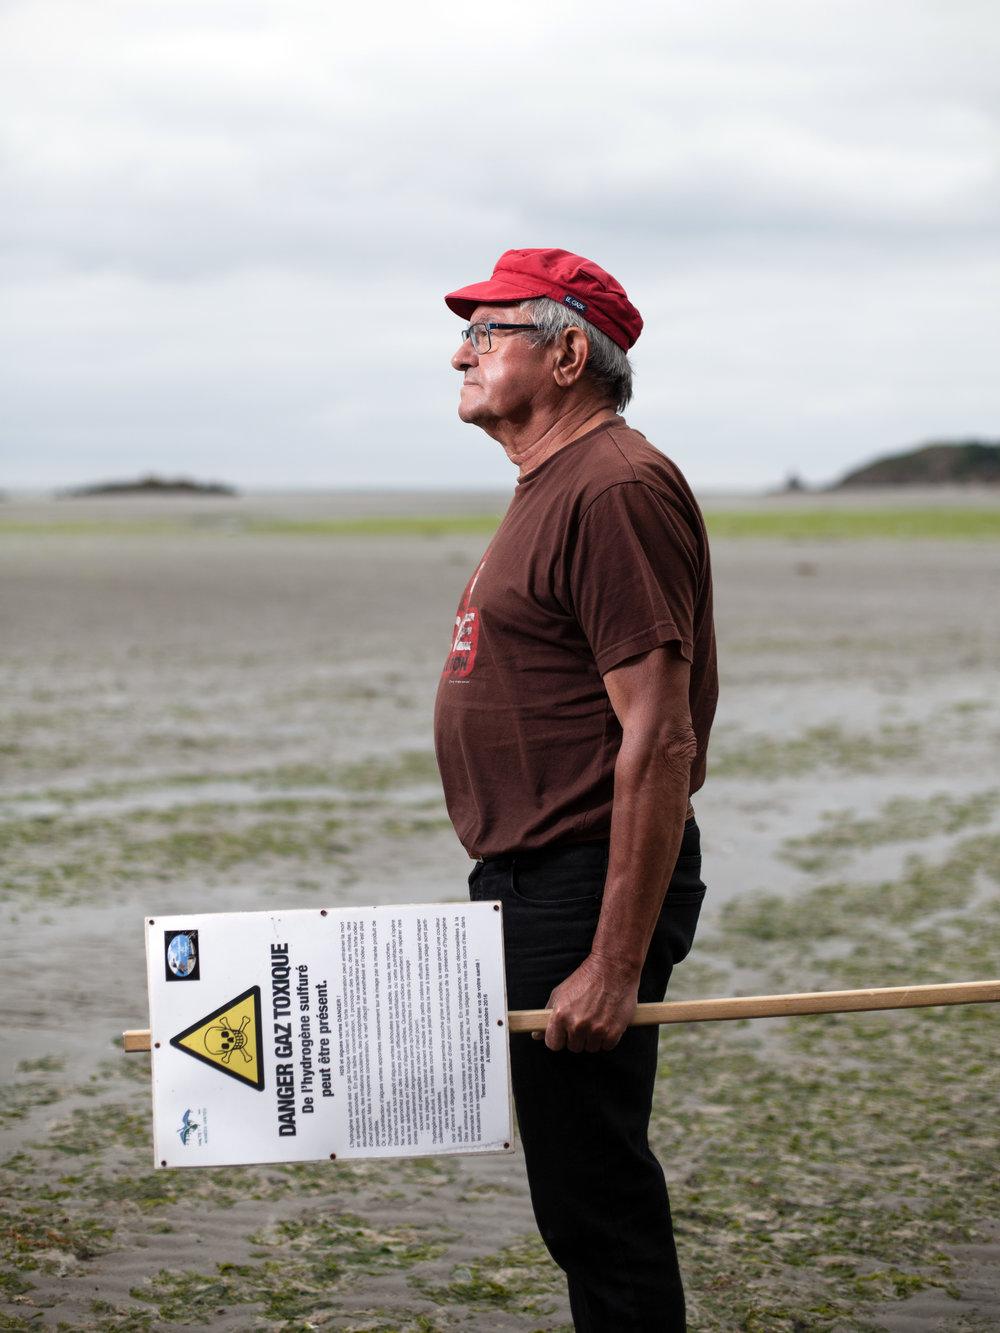 « Je me suis engagé pour sauver des victimes,  - j'ai mis des gens dans des situations de procédures judiciaires et je veux trouver tous les arguments afin de donner des atouts aux avocats pour la reconnaissance des victimes des algues vertes, dans la Baie d'Hillion, en Bretagne. Je veux aussi porter une réflexion au changement de l'agriculture d'aujourd'hui qui génère ces marées vertes, pour que nos générations futures vivent en paix avec l'environnement. »André Ollivro, ancien cadre chez EDF-GDF et co-président de l'association Halte aux marée verte. Plage de La Grandville à Hillion.Juin 2017.